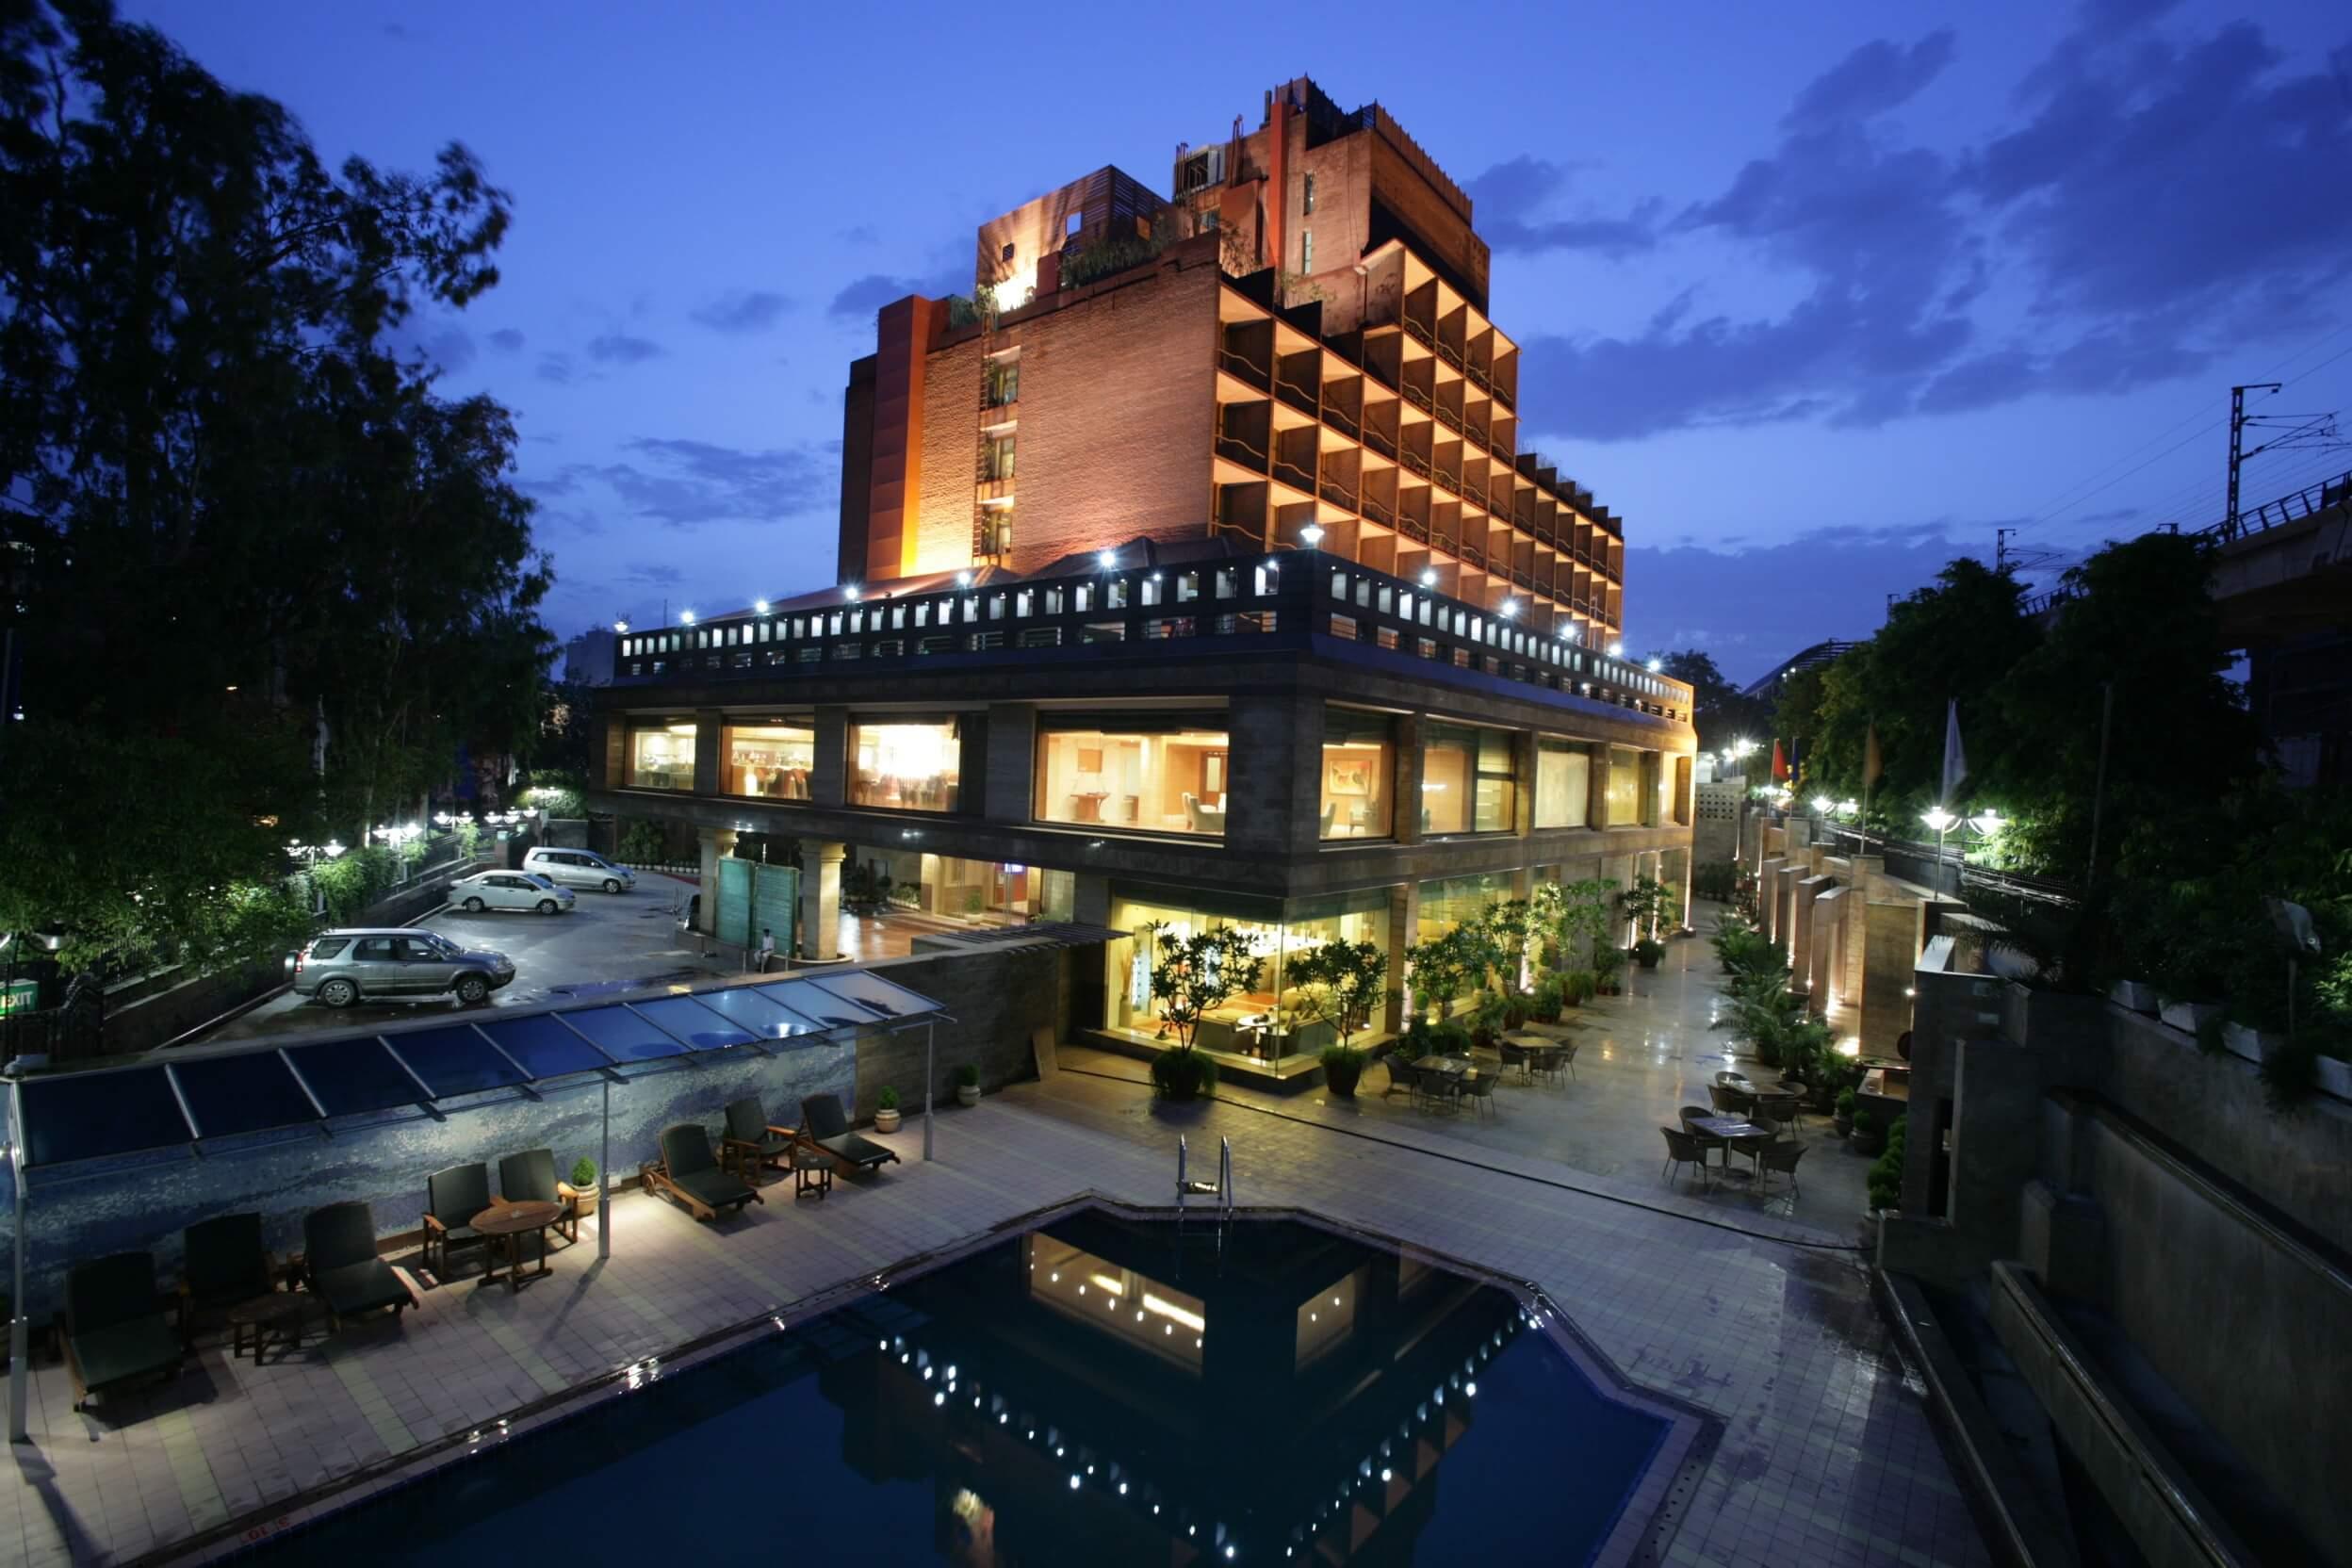 Hotel Siddharth Delhi